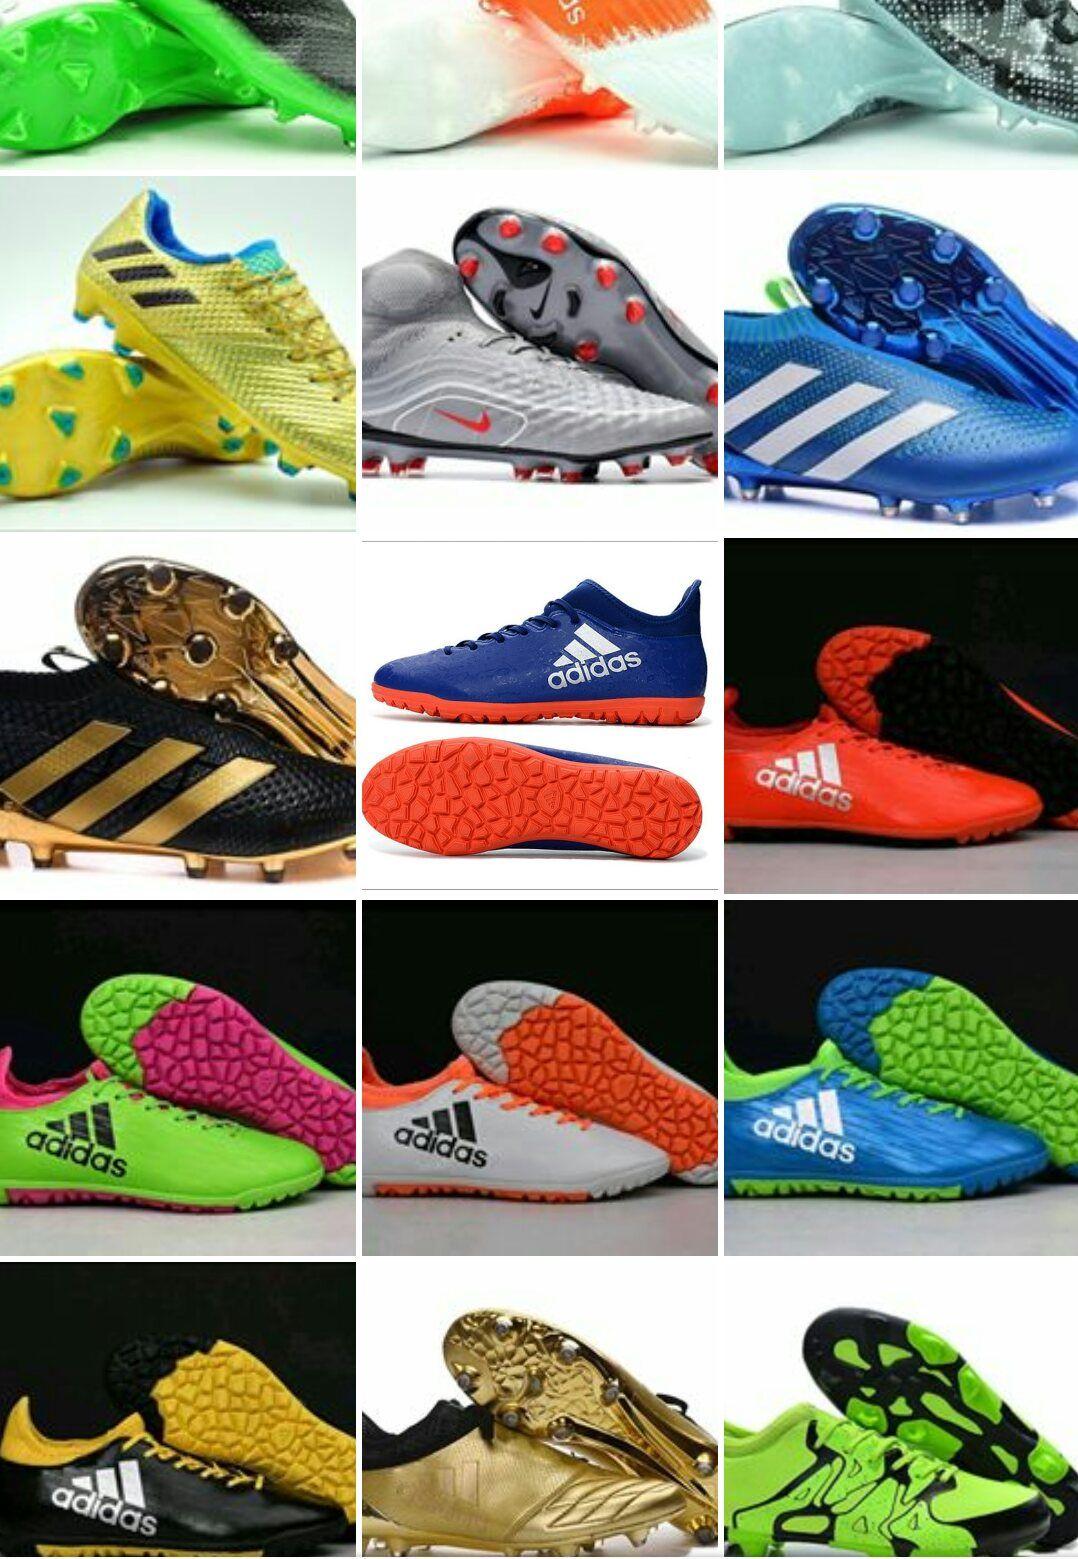 معلومات عن الاإعلان تجارة احذية كرة القدم أديداس نايك وبوما تابعونا على حساب الانستجرام Soccer Shoes Om للأستفسار التواصل على Sport Shoes Shoes Fashion